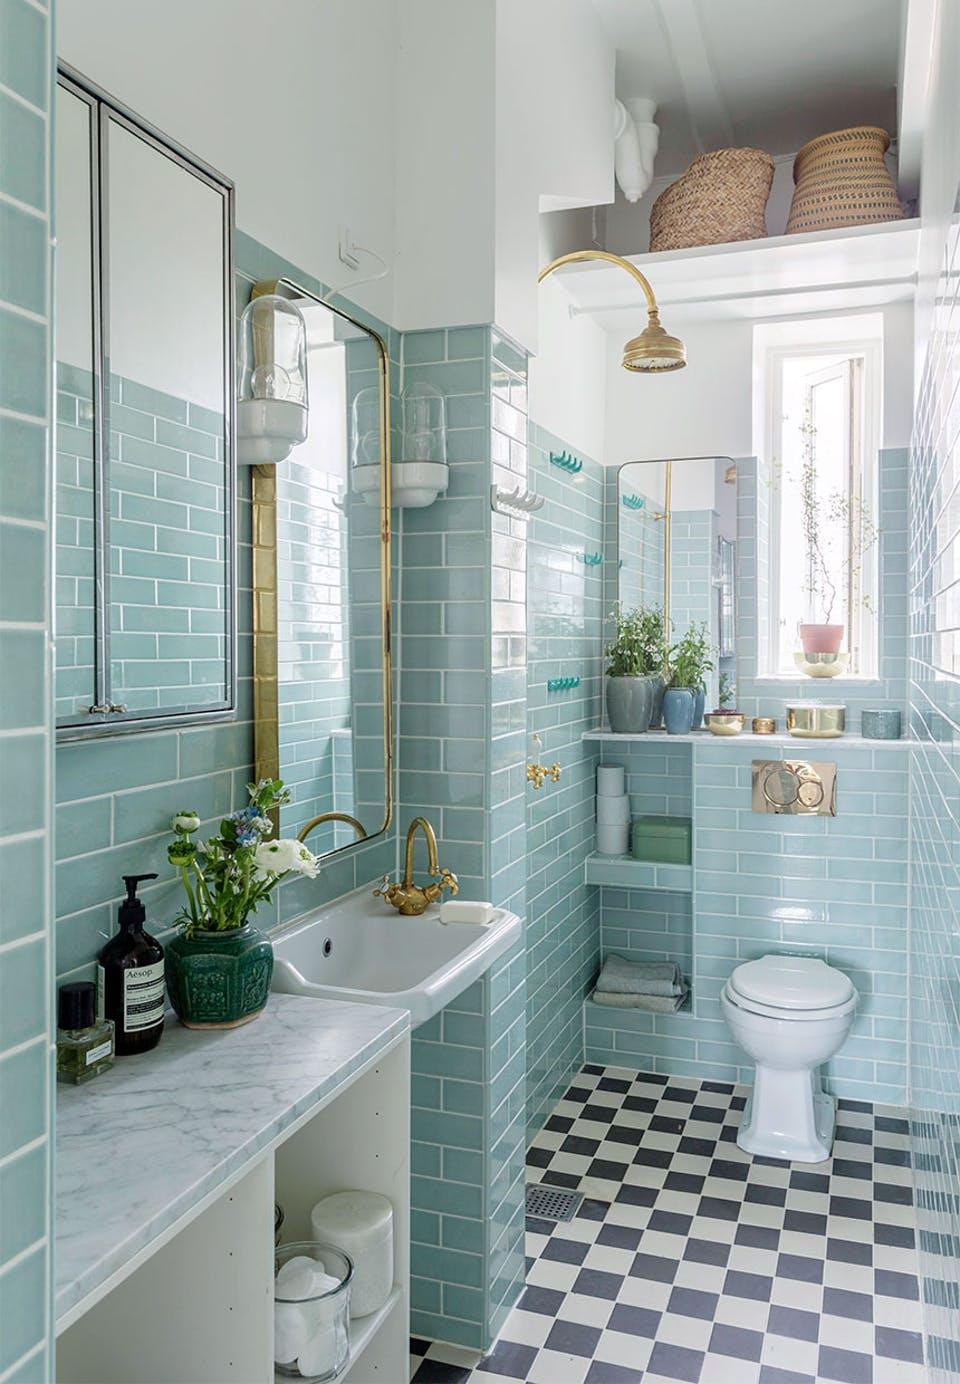 klassieke badkamers voorbeelden mintgroene tegels